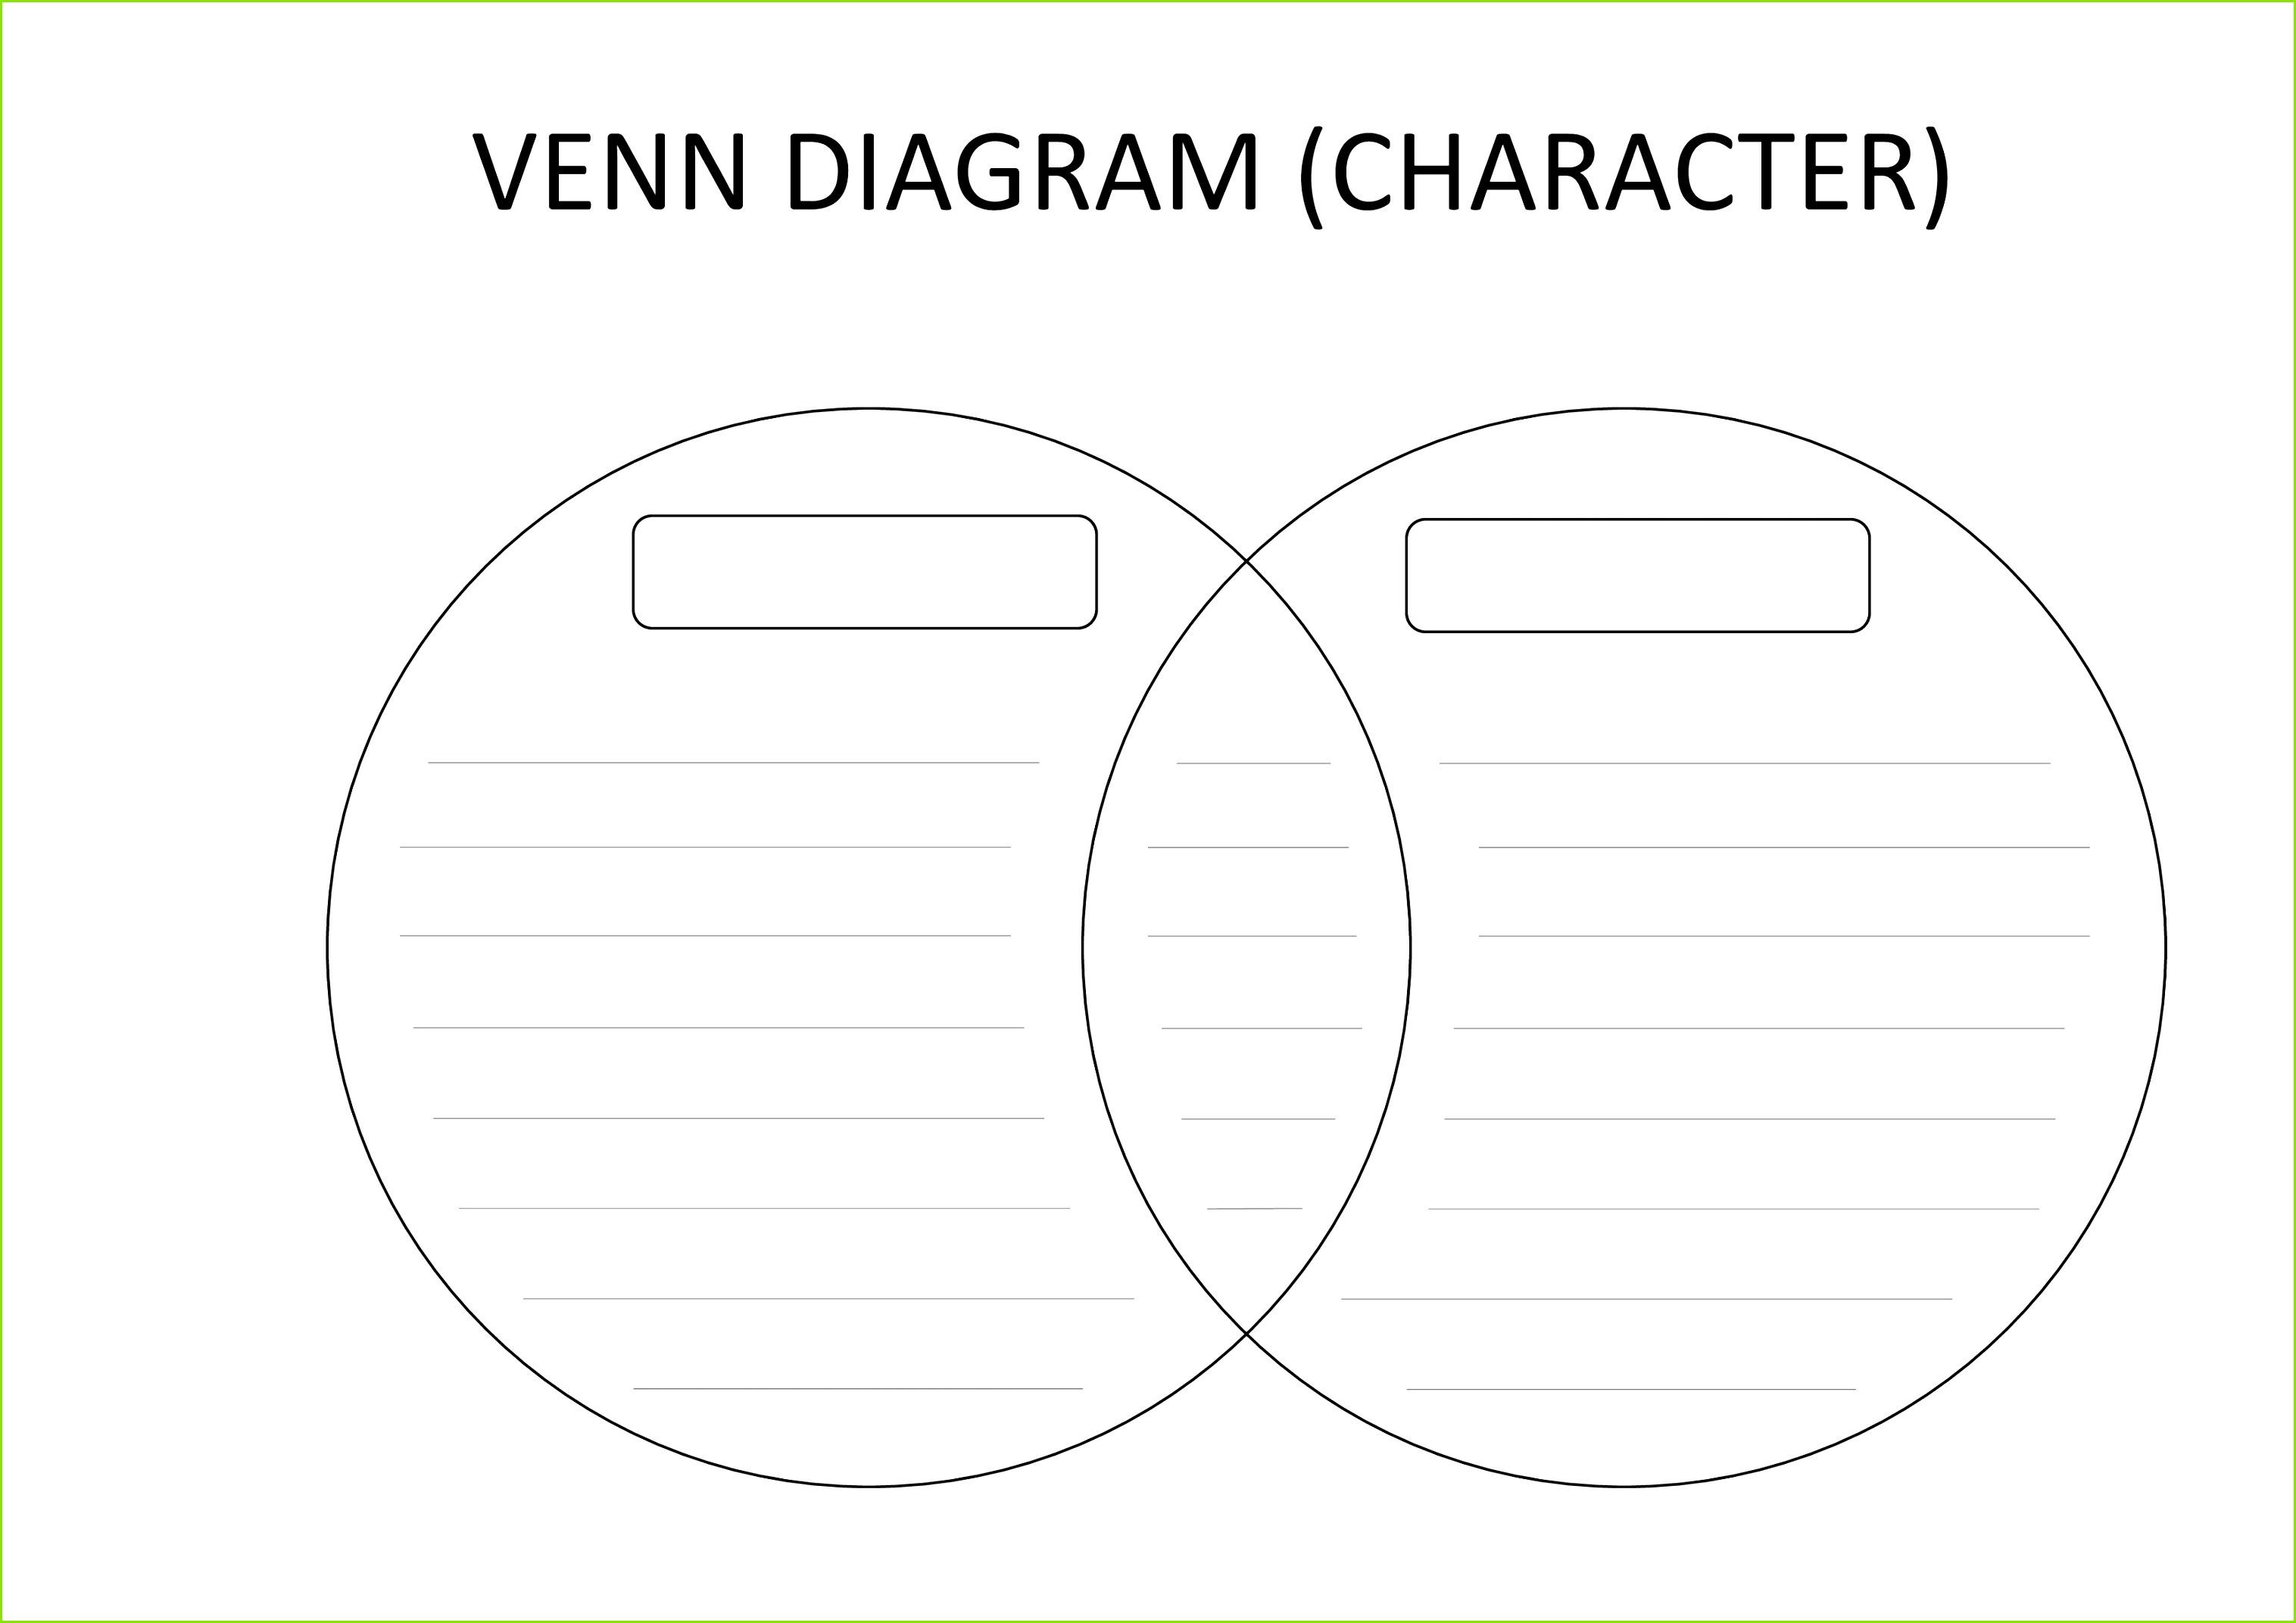 Venn Diagram 5 Circles Lovely Fein Venn Diagramme Vorlage Galerie Entry Level Resume Vorlagen